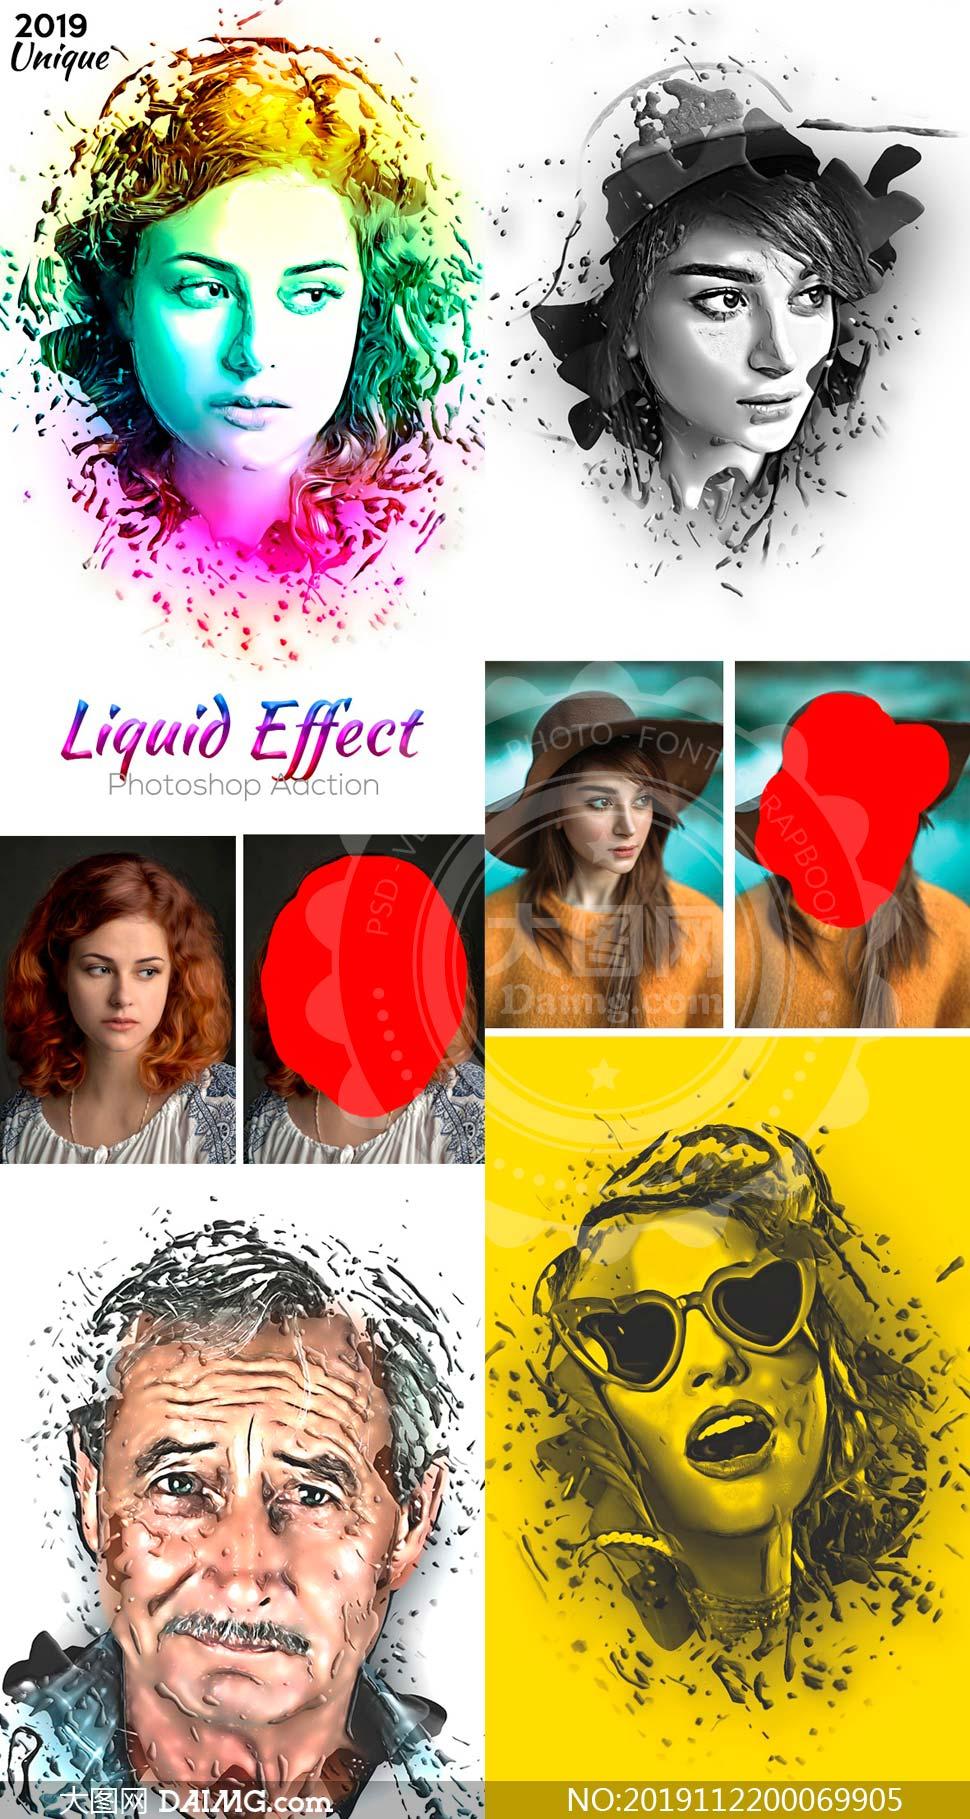 创意的人物肖像被液体溶液效果PS动作